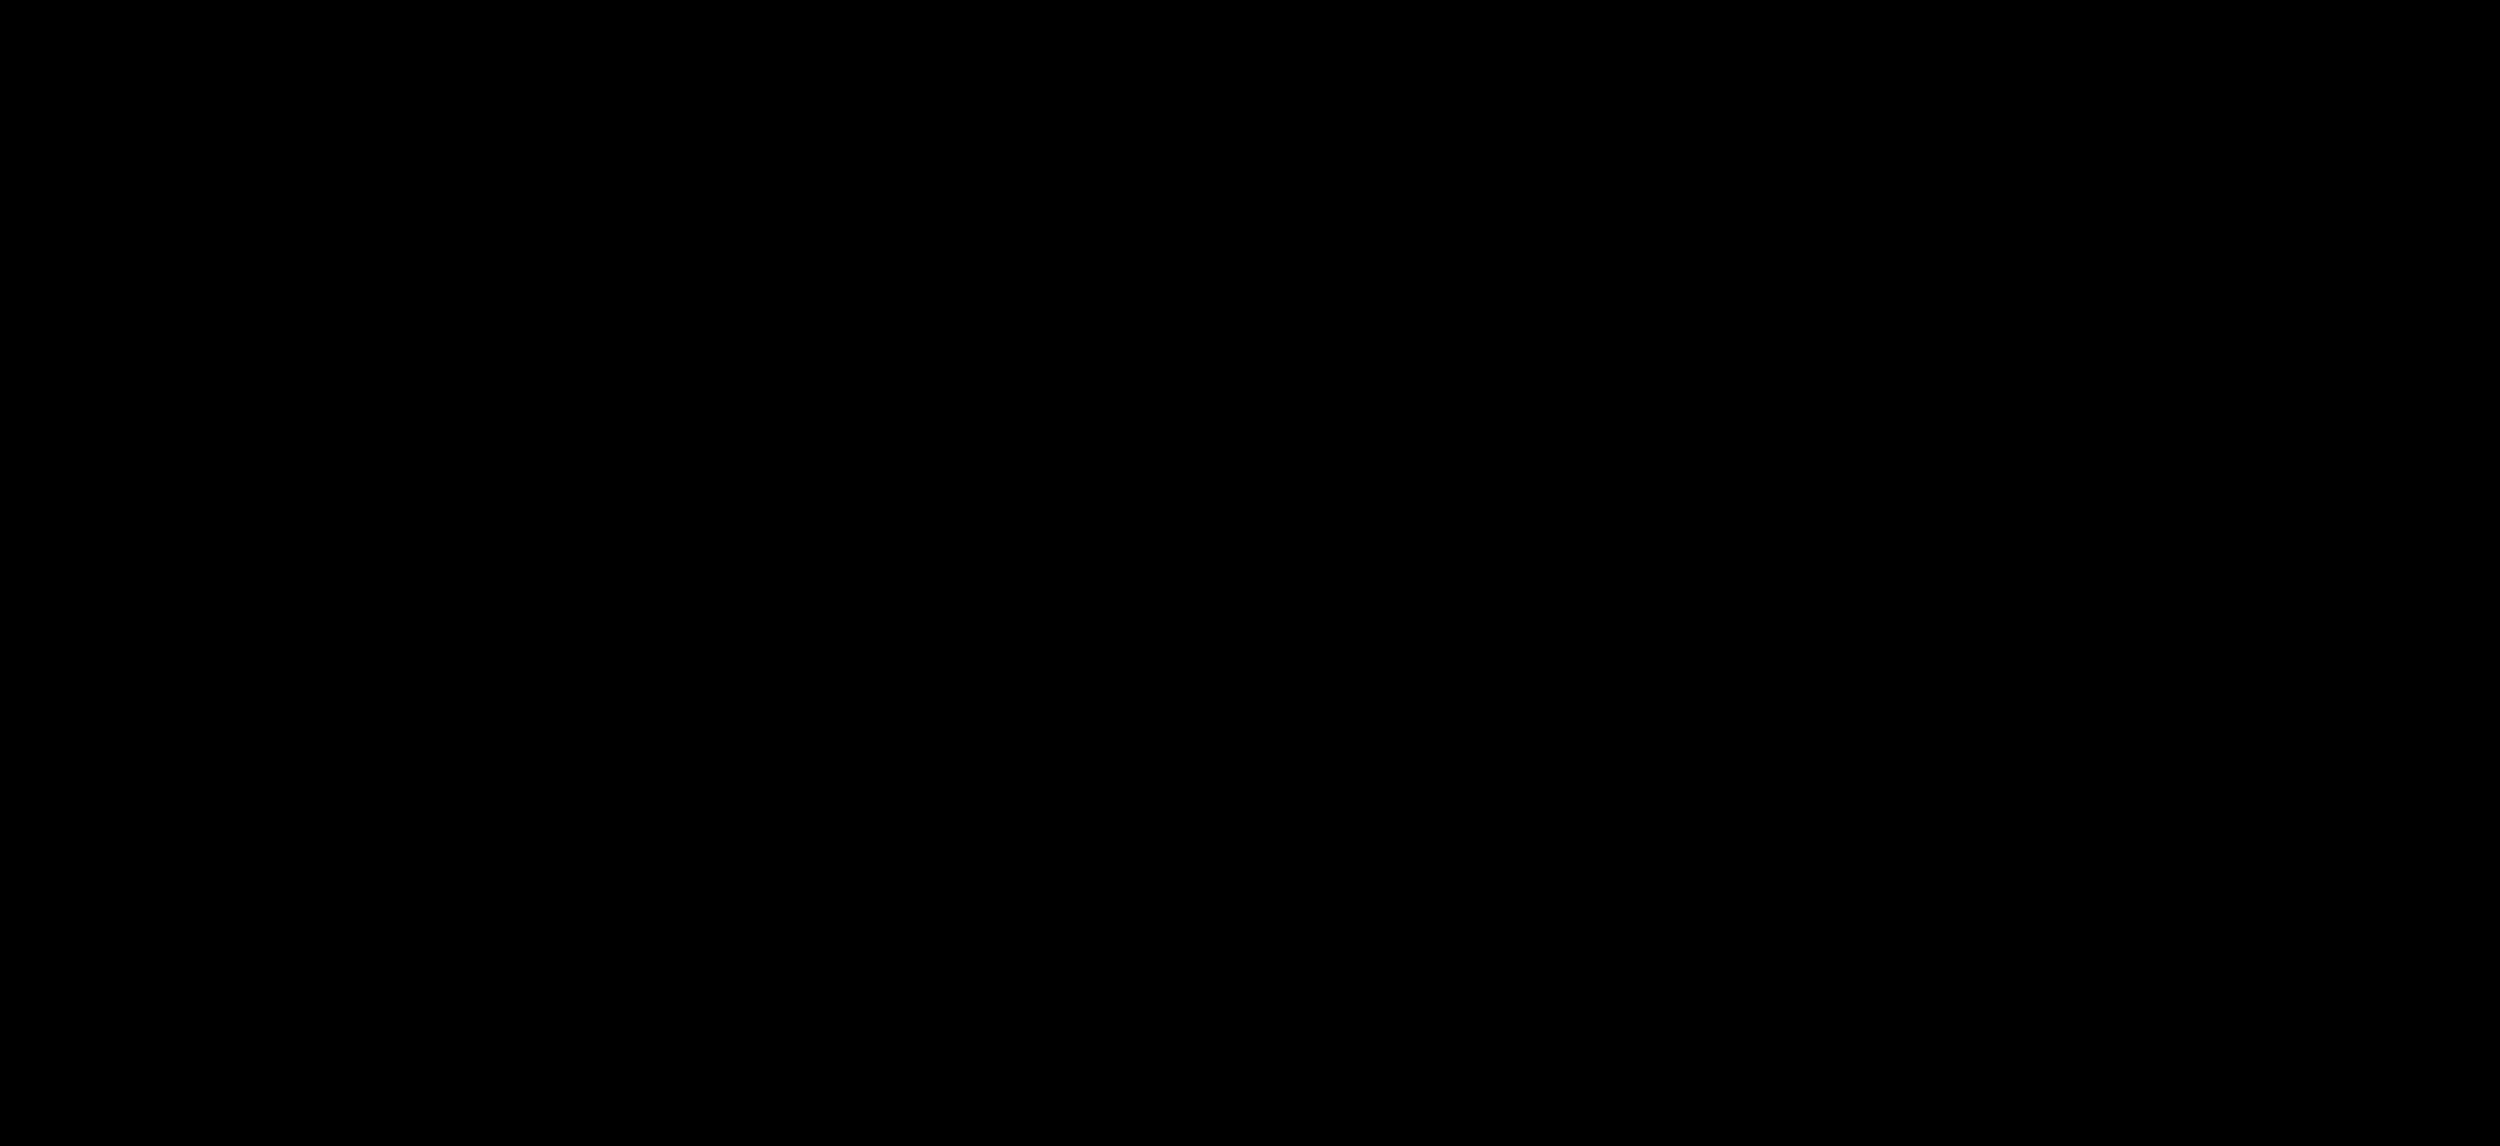 Dorte Mandrup Logotype Black